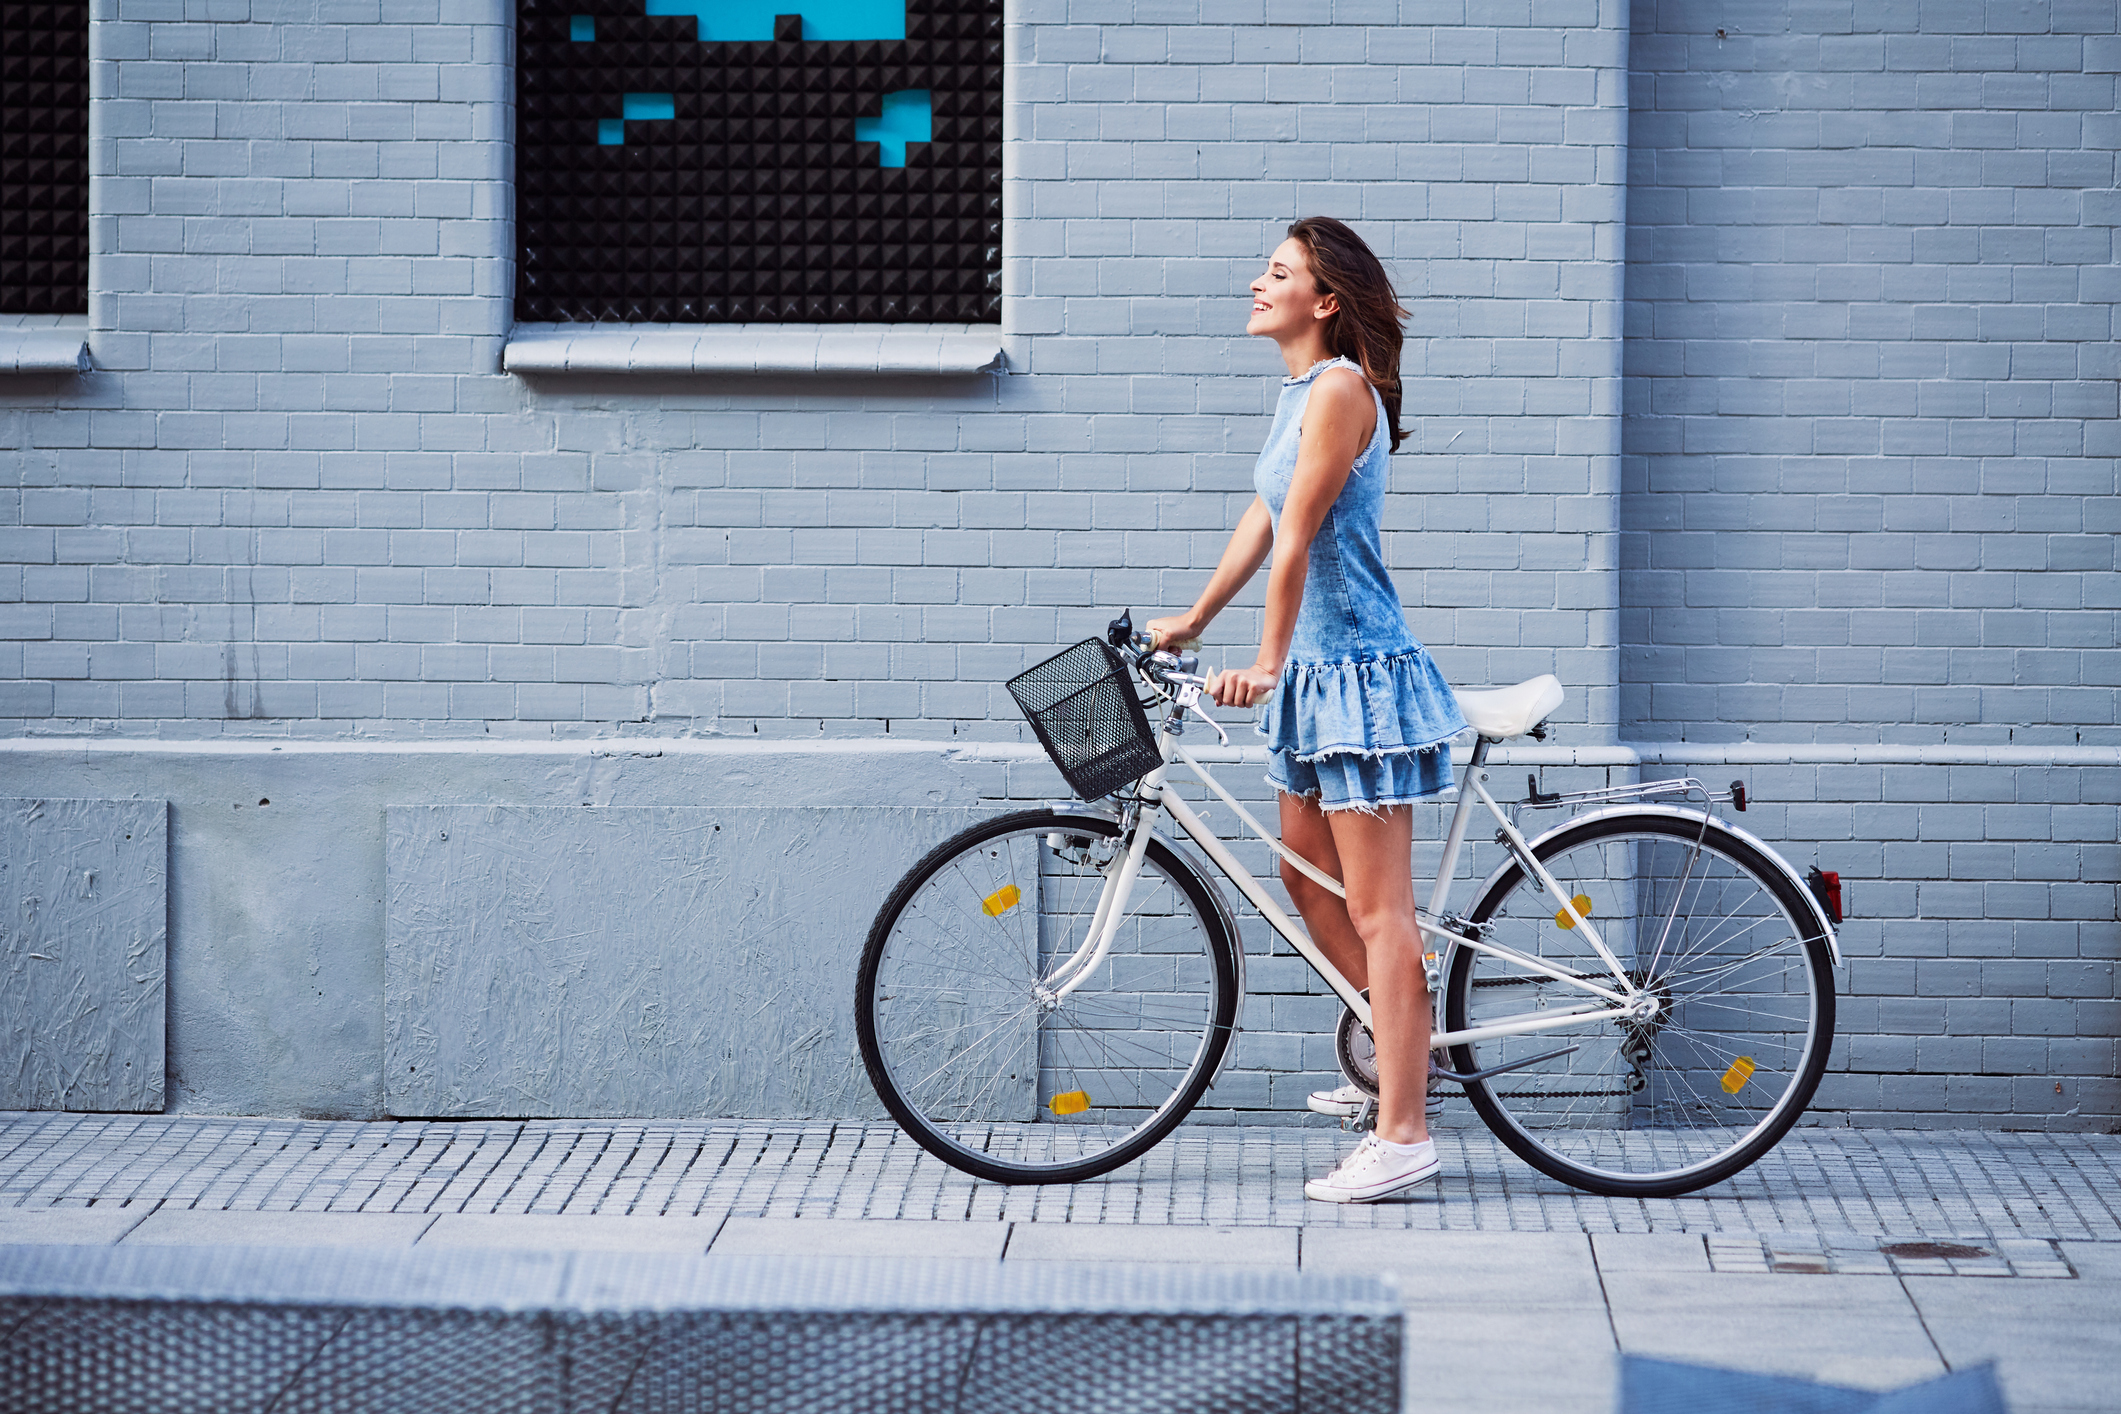 Прогулочные велосипеды для мужчин: как выглядят и по каким критериям выбираются